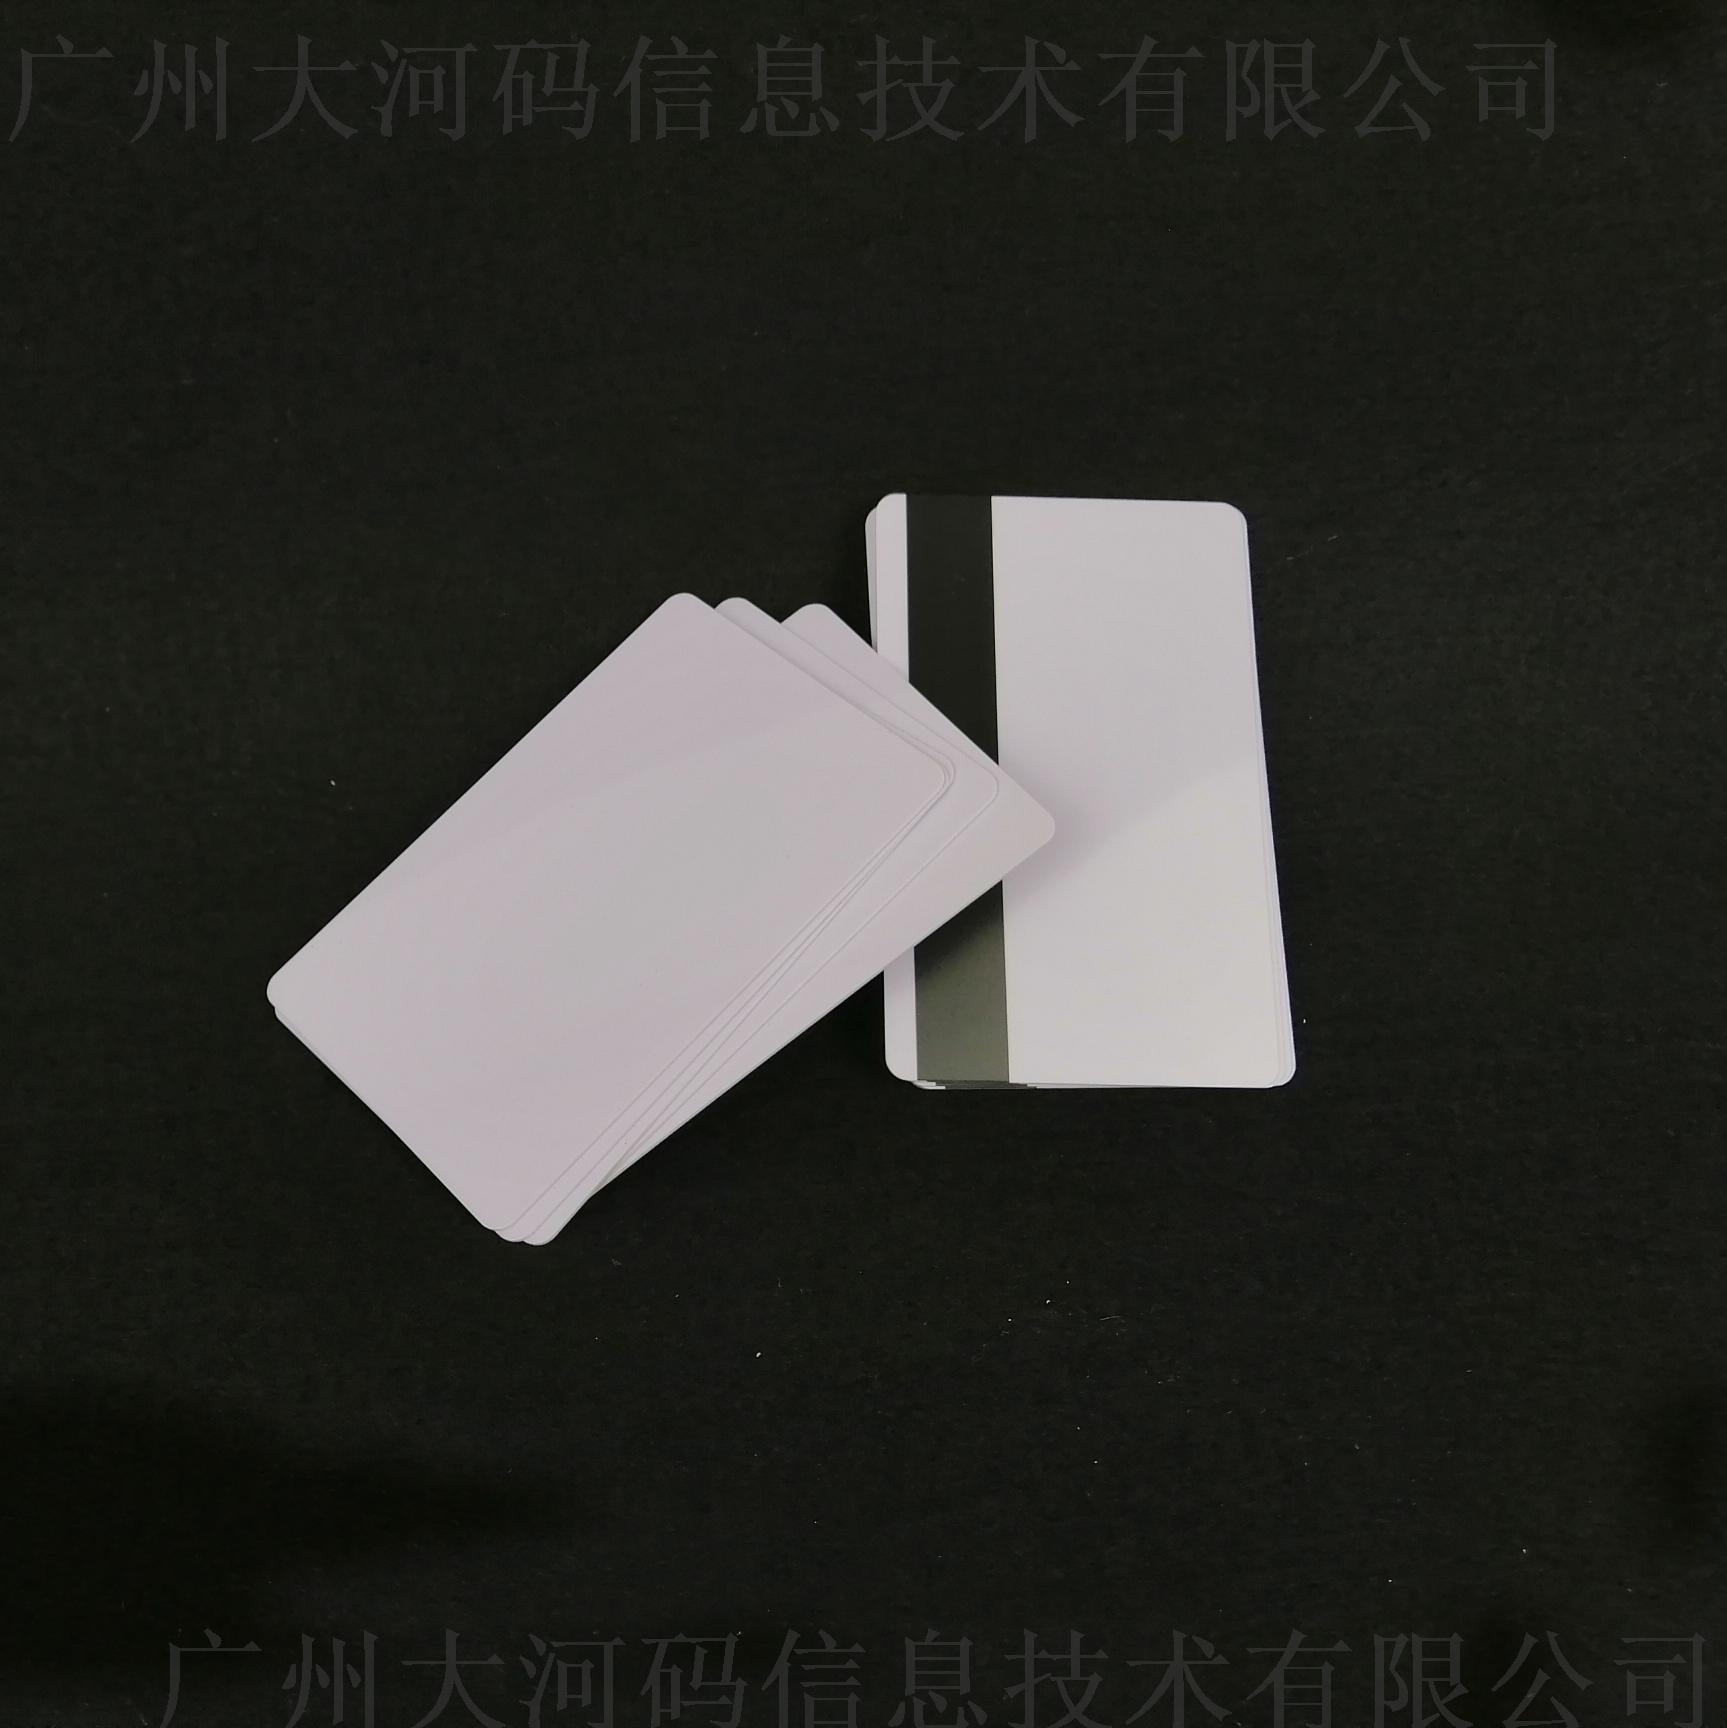 韩国证卡打印机 SMART122296825